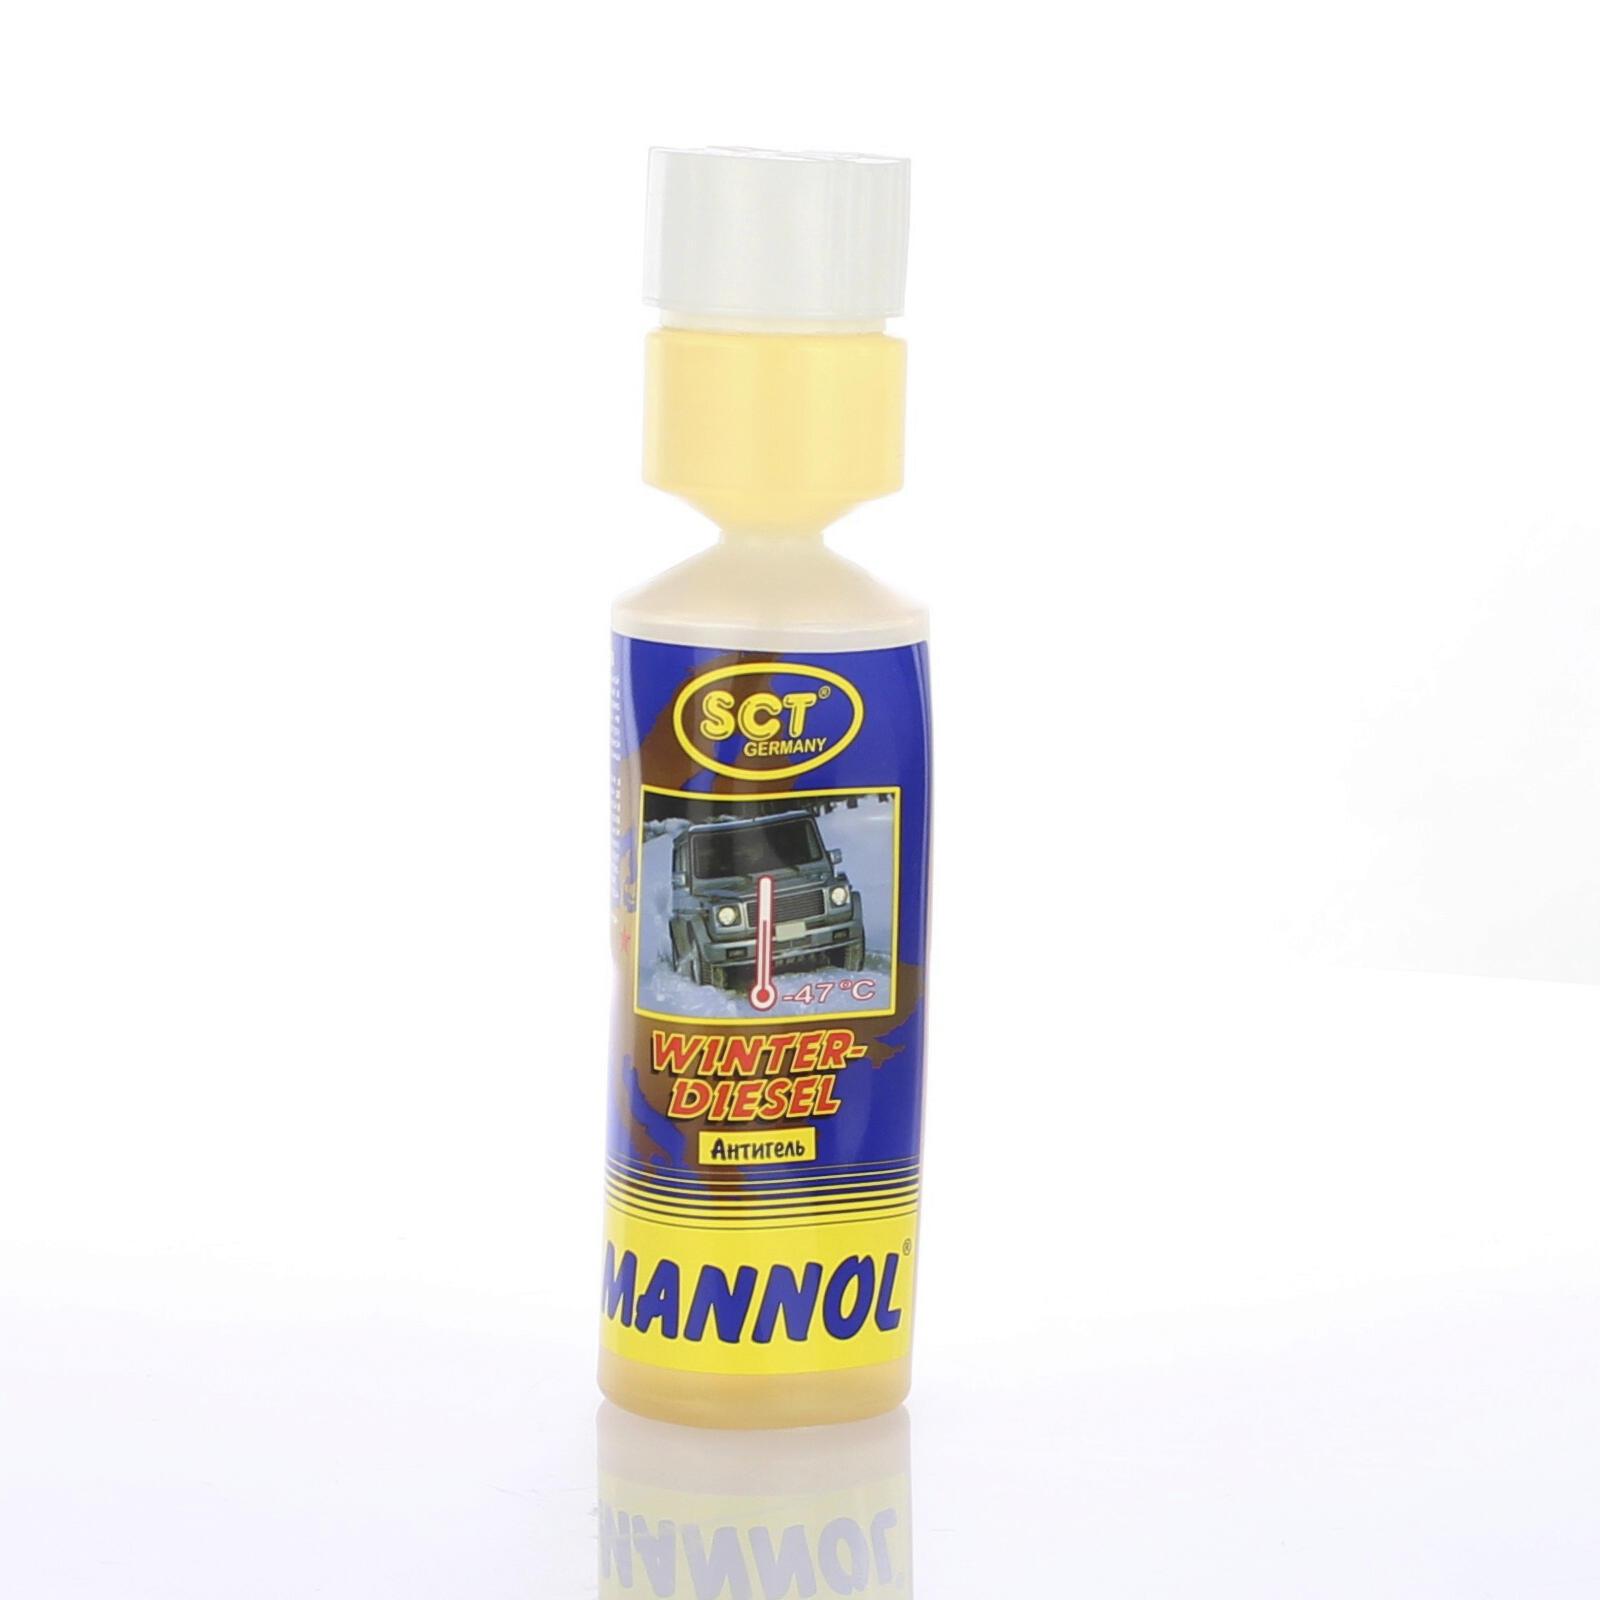 mannol winterdiesel flie verbesserer 250 ml dieseladditive. Black Bedroom Furniture Sets. Home Design Ideas